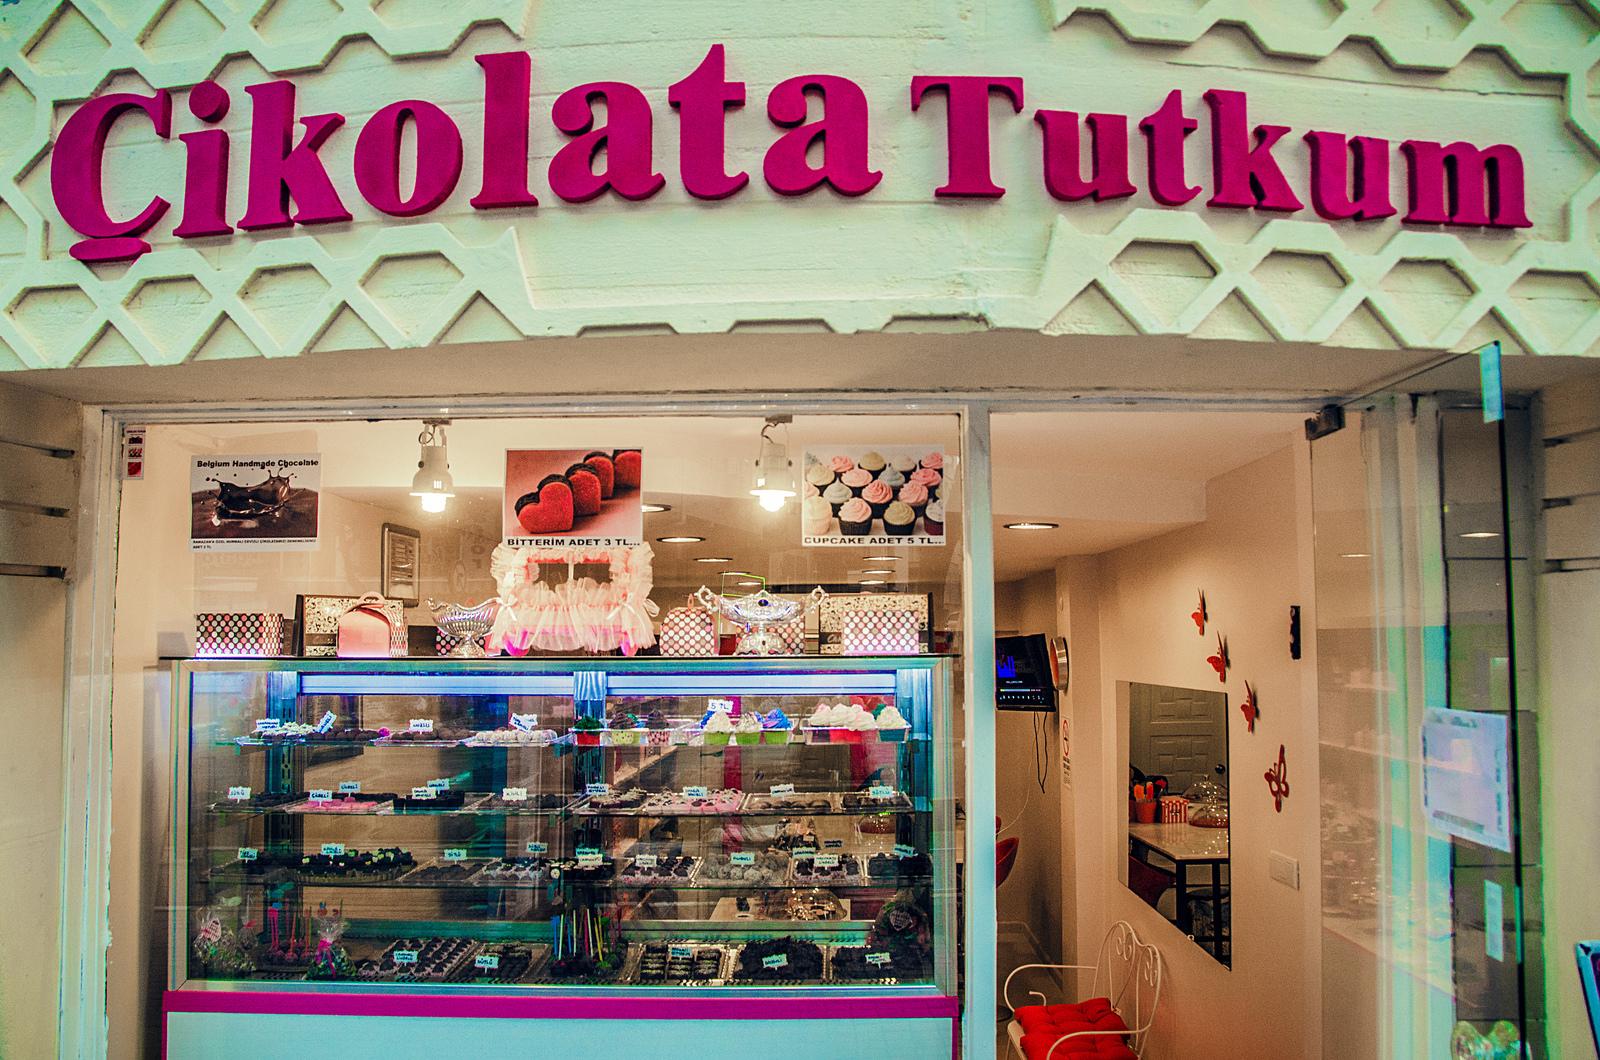 A photo of the Çikolata Tutkum shopfront.